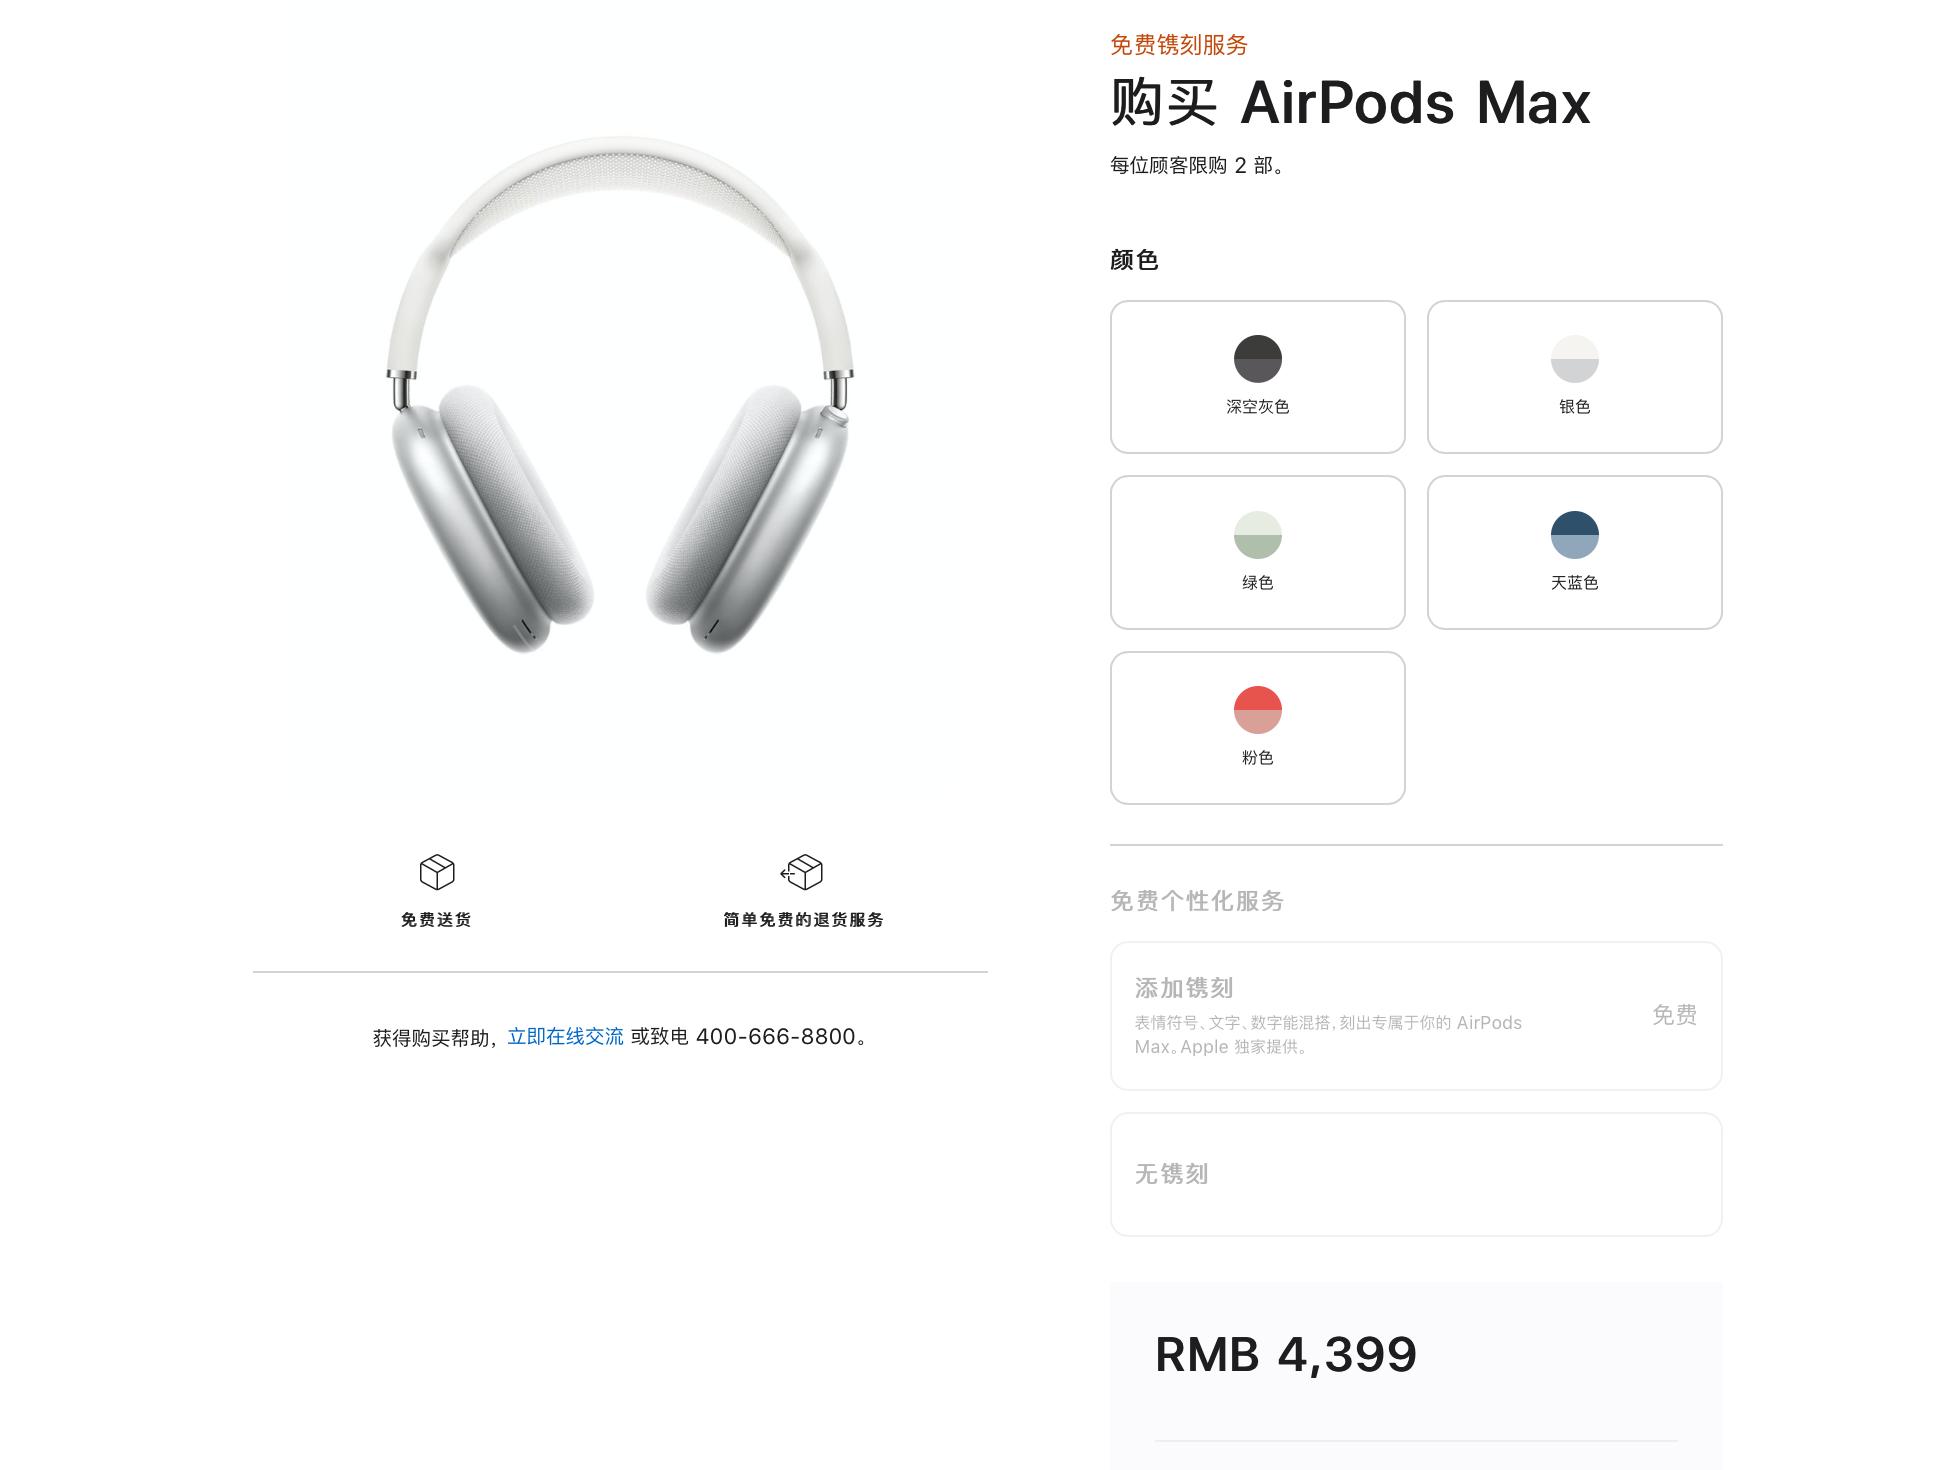 4399元!苹果推头戴式耳机,还不配充电头,网友:价格劝退!